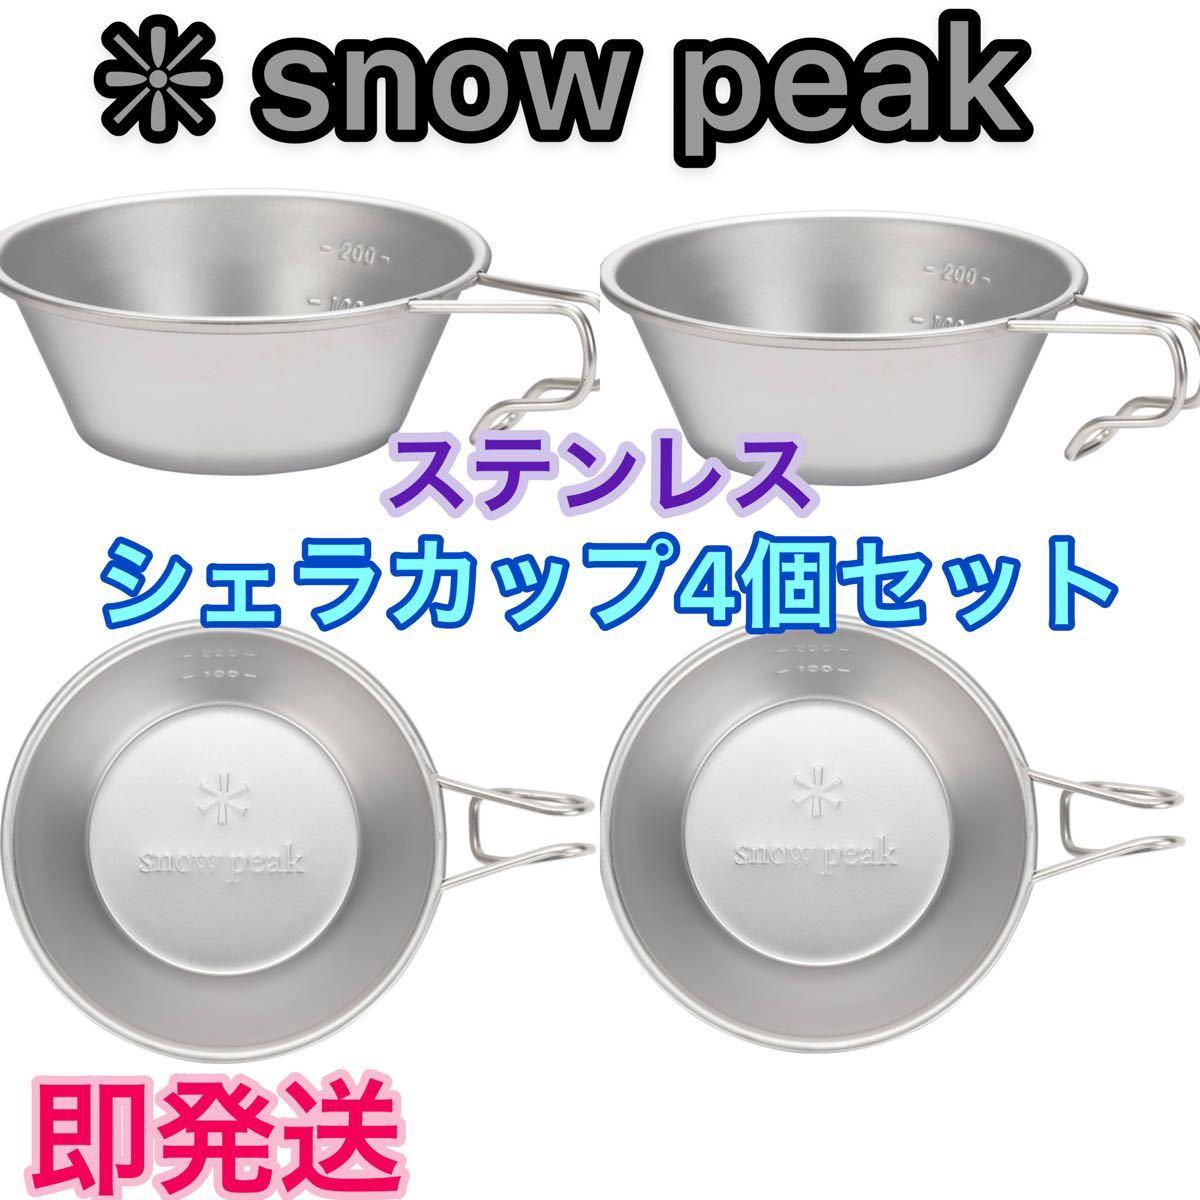 【新品未使用】snow peakスノーピーク シェラカップ 4個セット ★E-103★ 310ml